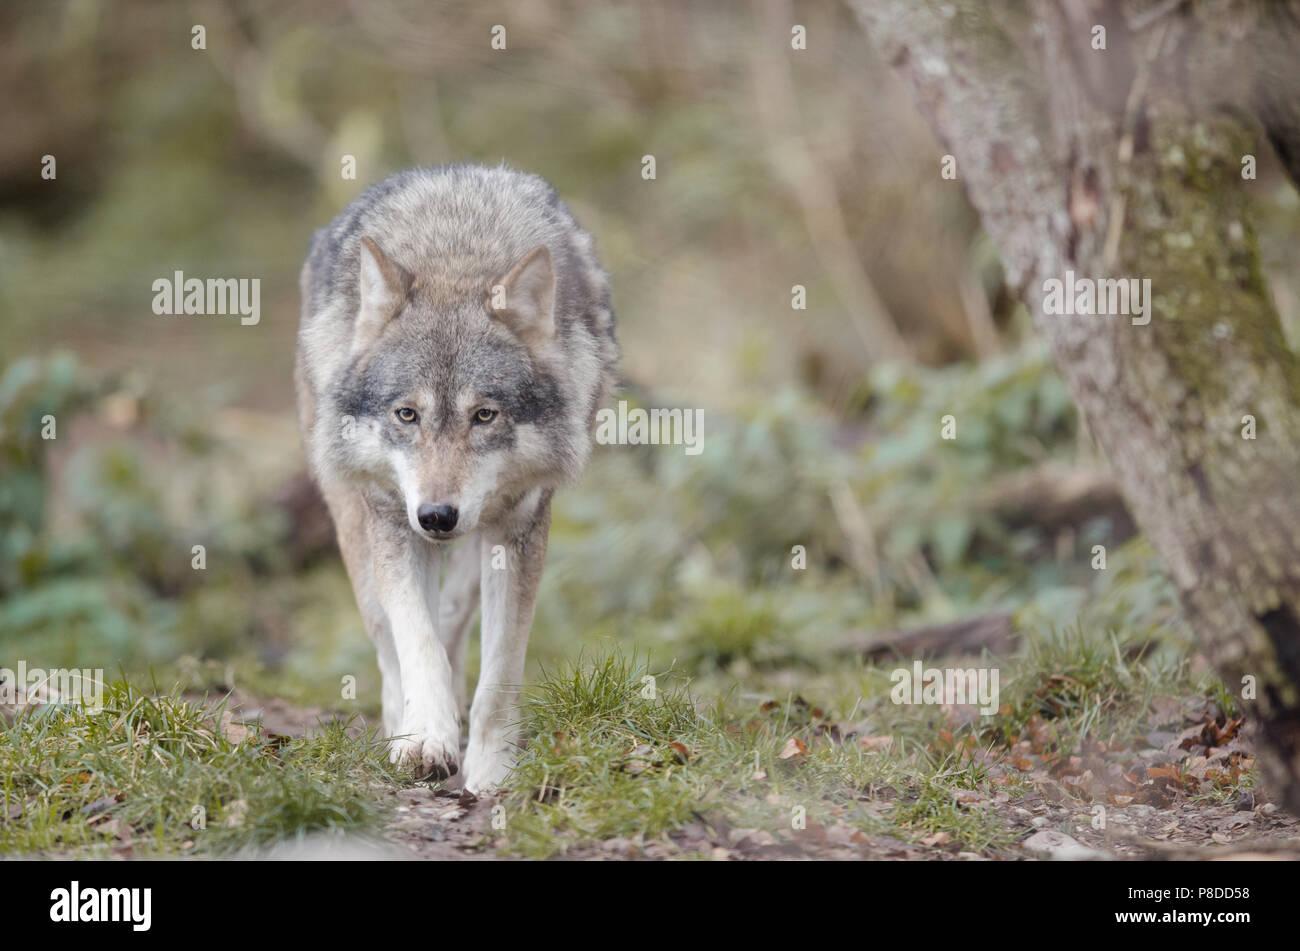 Wolf im Wald konzentrierte sich auf Beute Stockbild